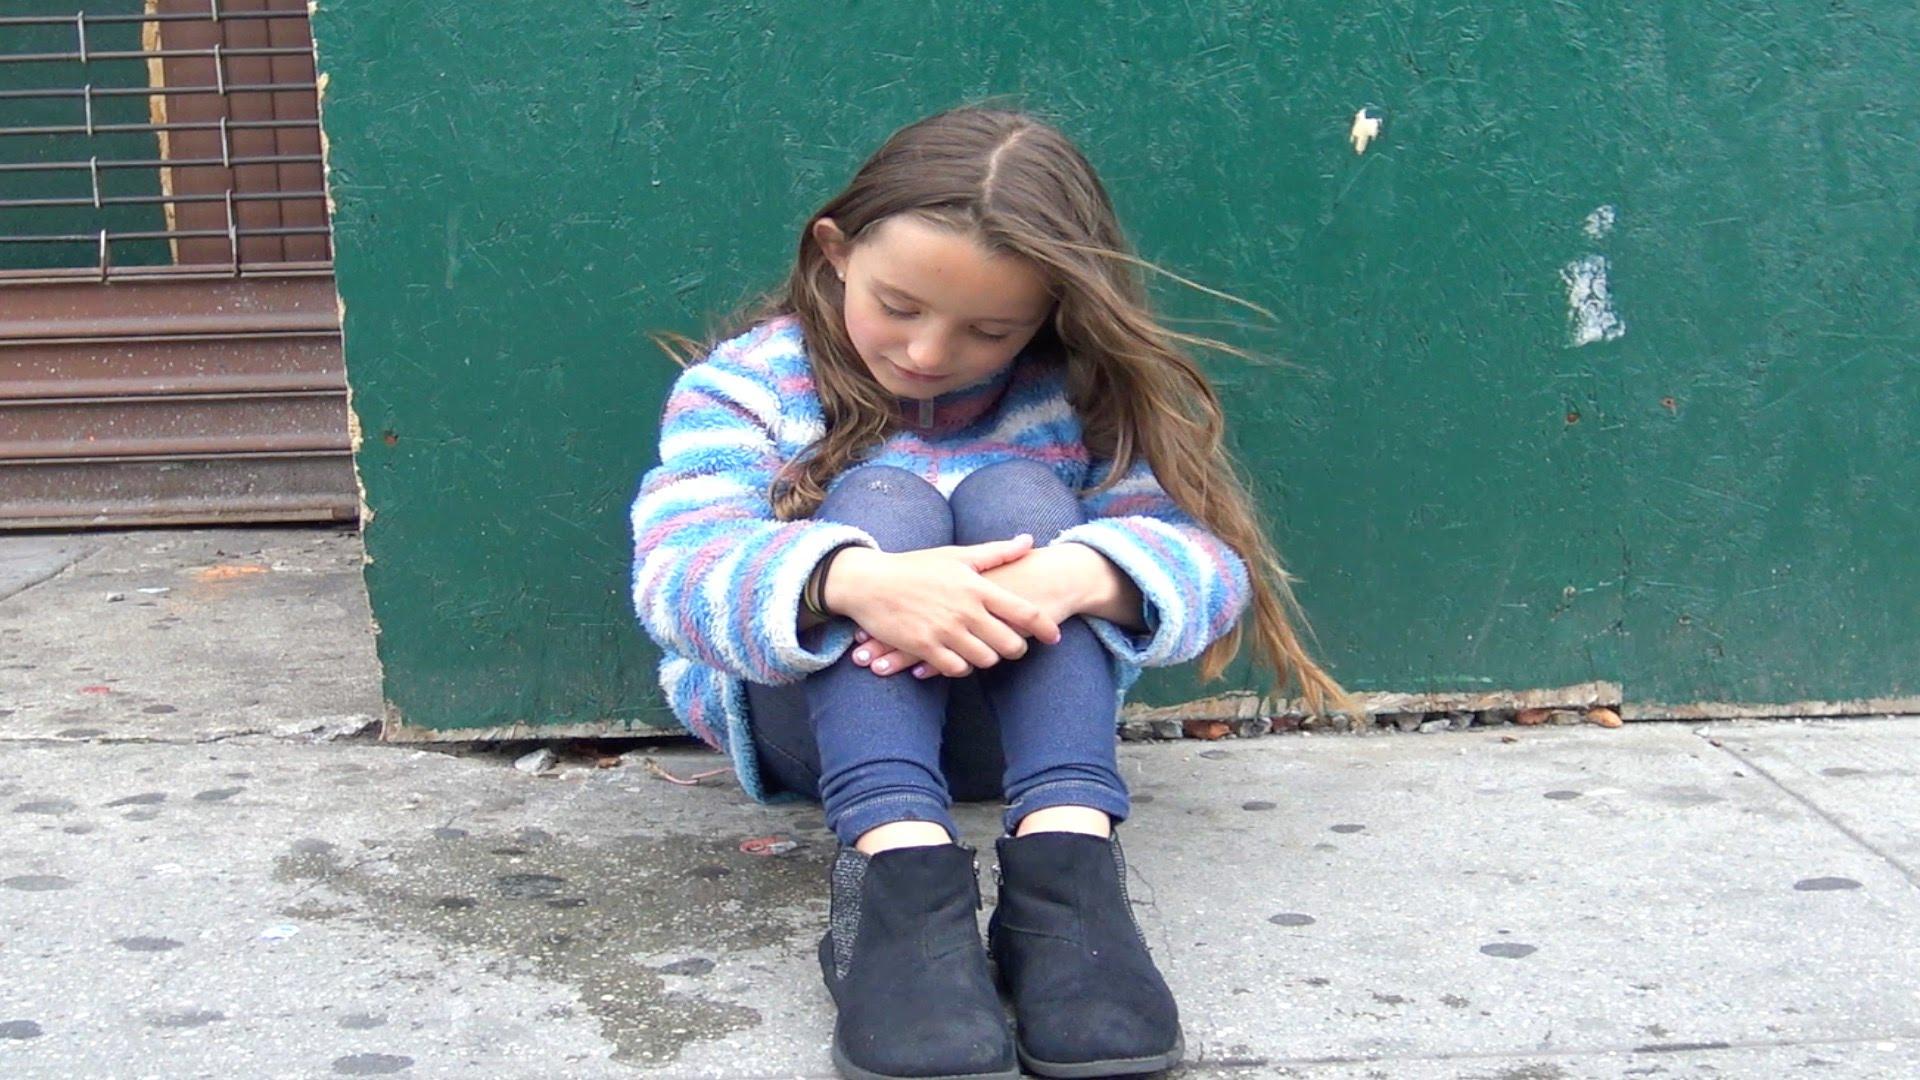 كاميرا خفية لطفلة تدعي بأنها تائهة تنتهي بشكل صادم